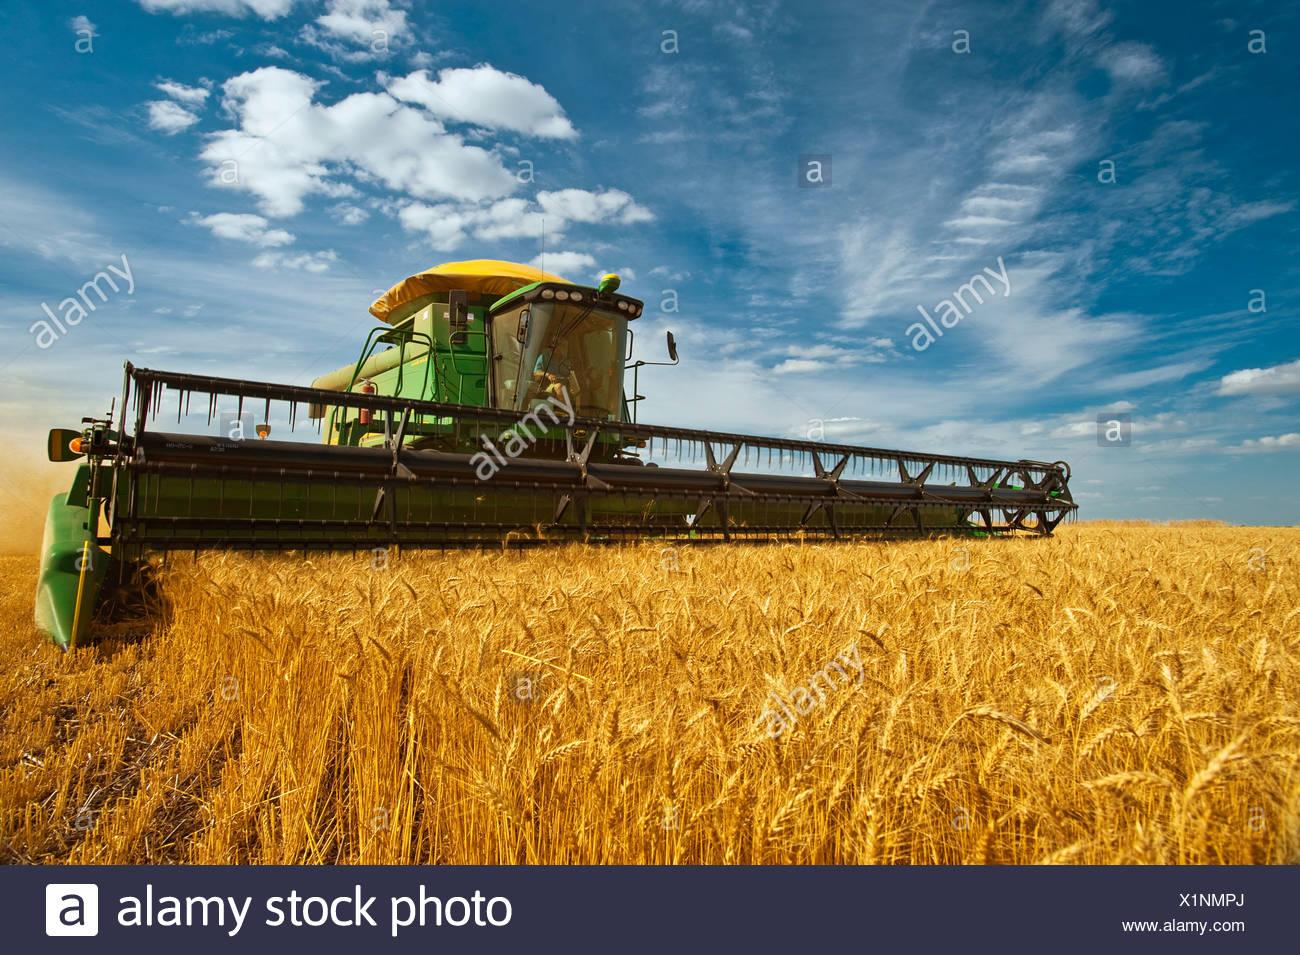 Agriculture - une moissonneuse-batteuse John Deere la maturité des récoltes de blé d'hiver en fin d'après-midi / lumière près de Kane, Manitoba, Canada. Photo Stock